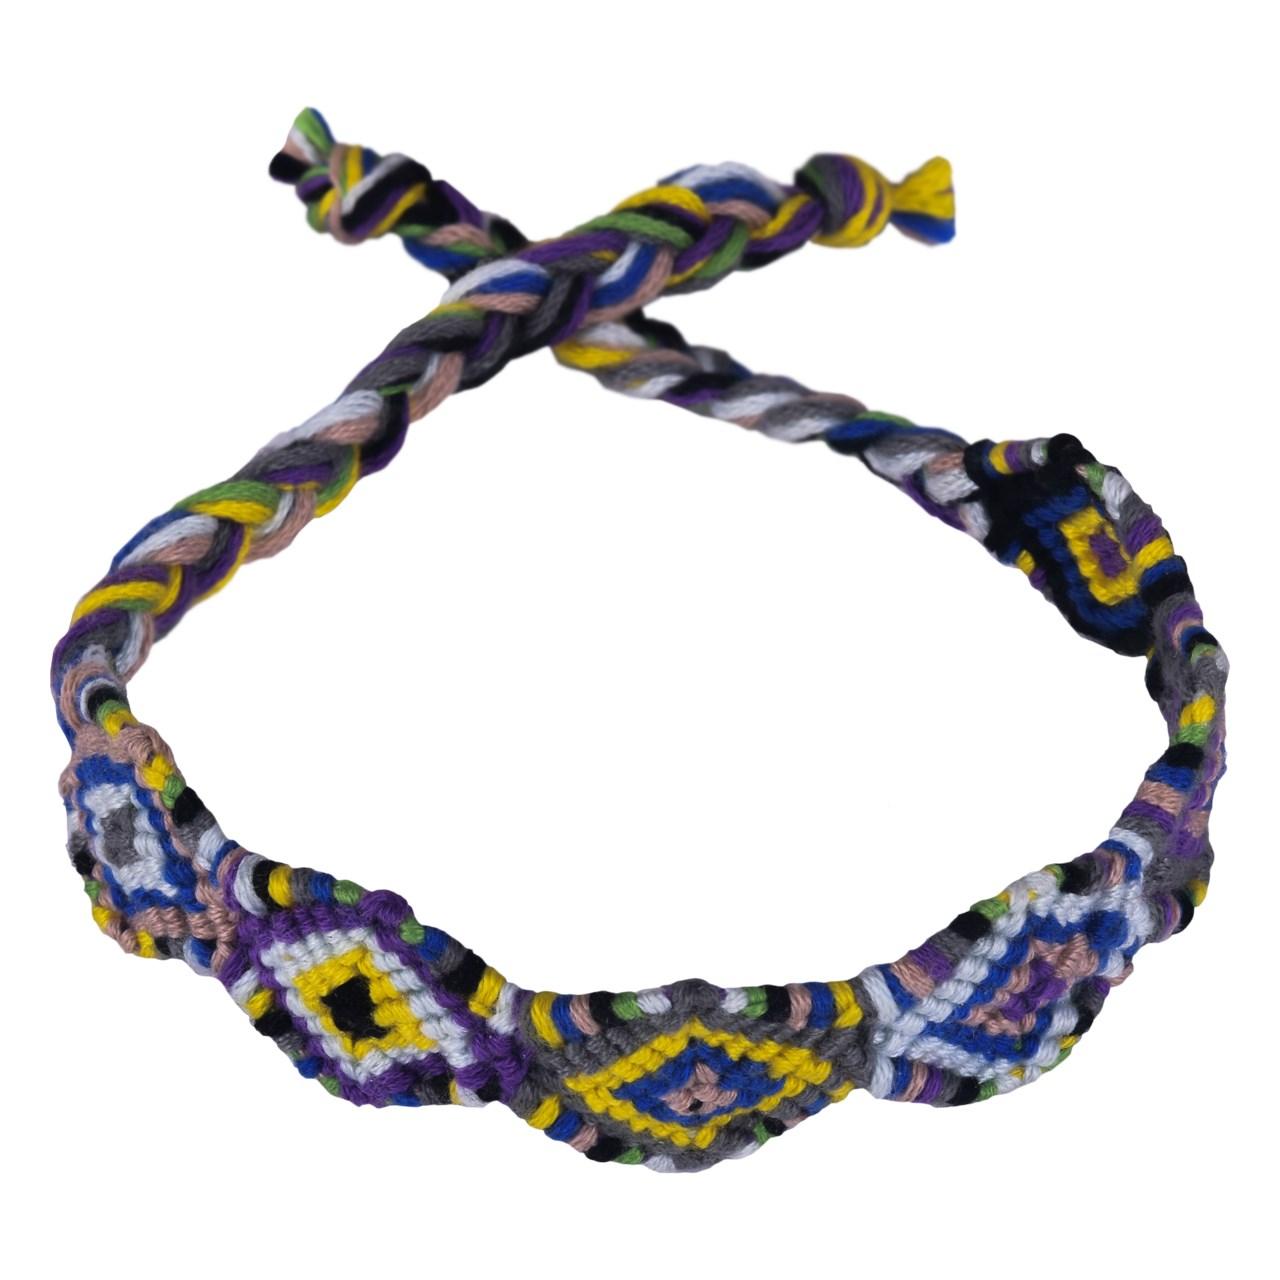 دستبند بافت گالری سیمین طرح گُل پیچ بنفش مدل 00-03